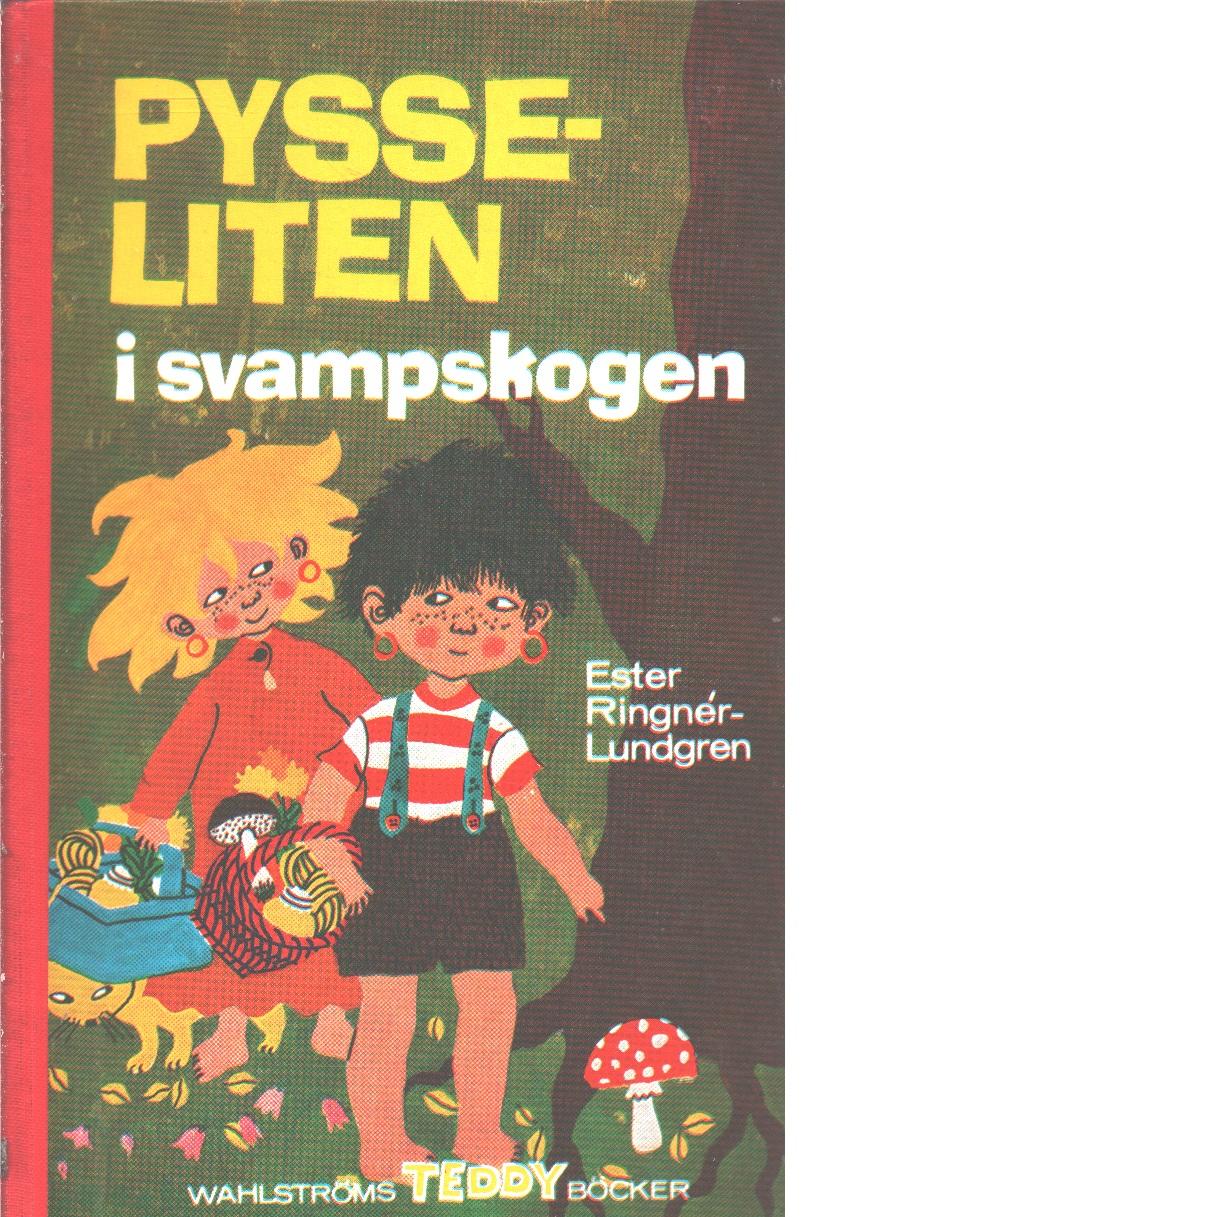 Pysseliten i svampskogen - Ringnér-lundgren, Ester